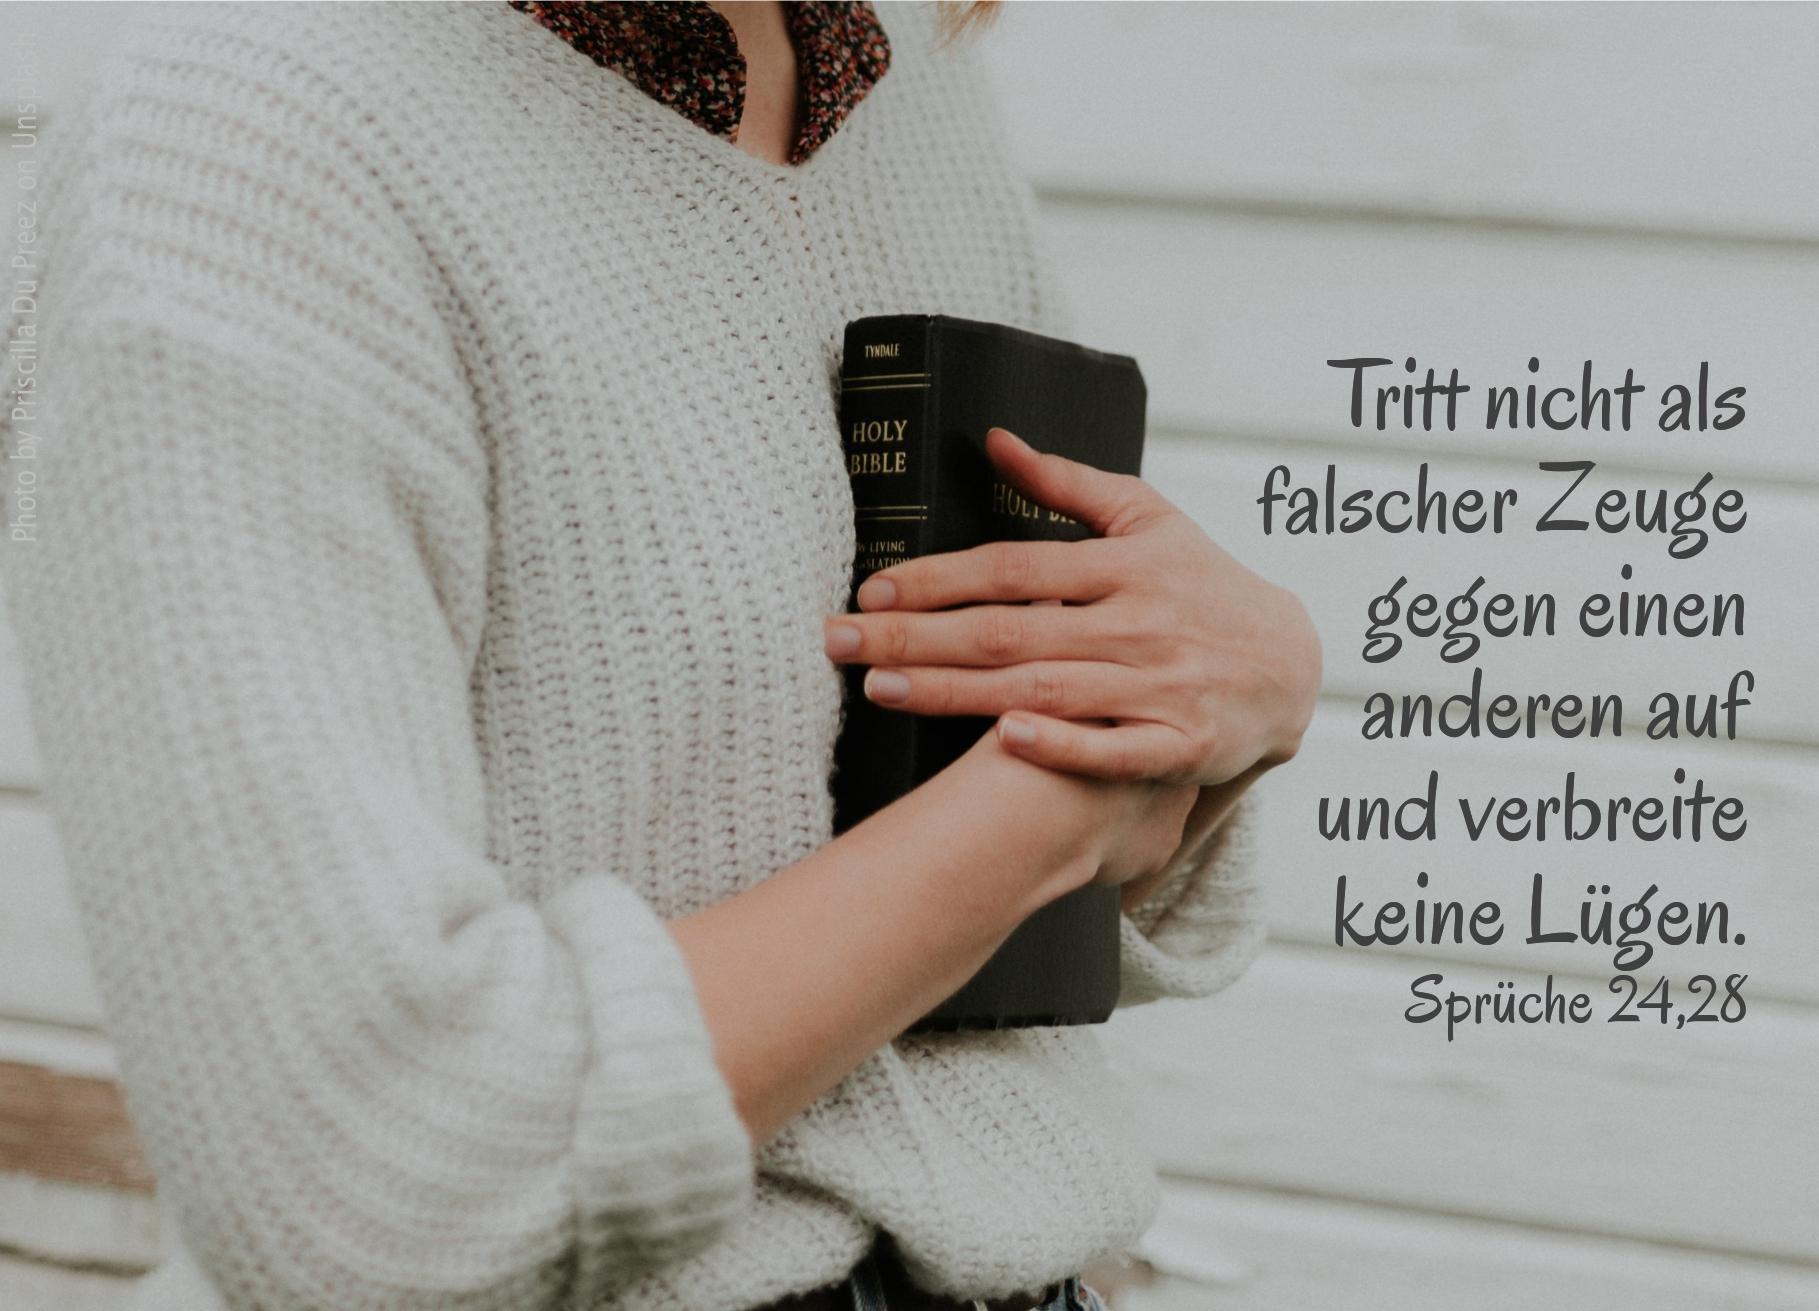 """alt=""""frau_drueckt_bibel_ans_herz_erwartet_bibelhoerbuch_rechte_lebensweise"""""""